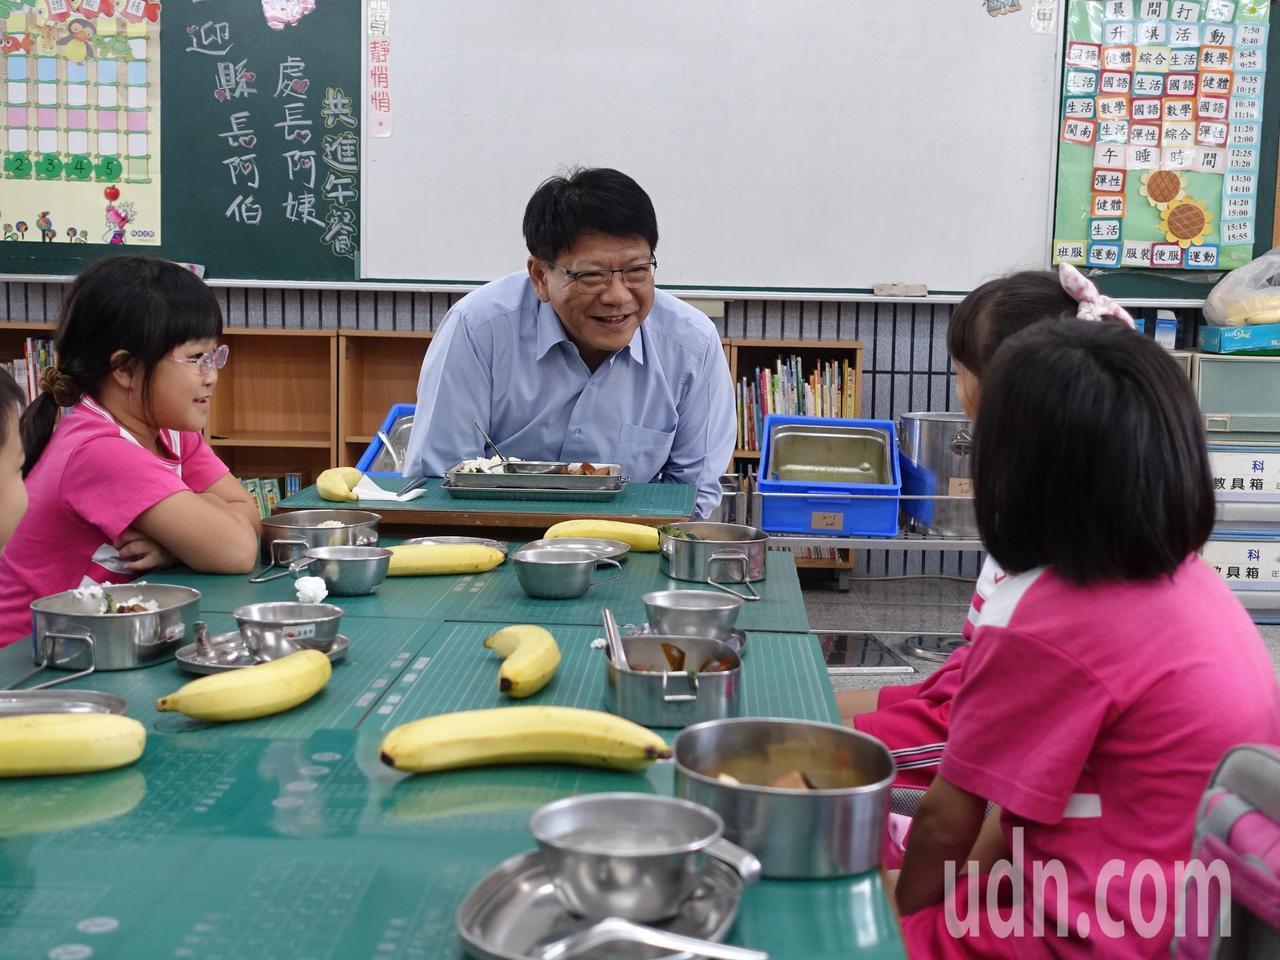 屏東縣長潘孟安今天中午與海豐國小的小朋友共進午餐,並接受小朋友提問。記者翁禎霞/...